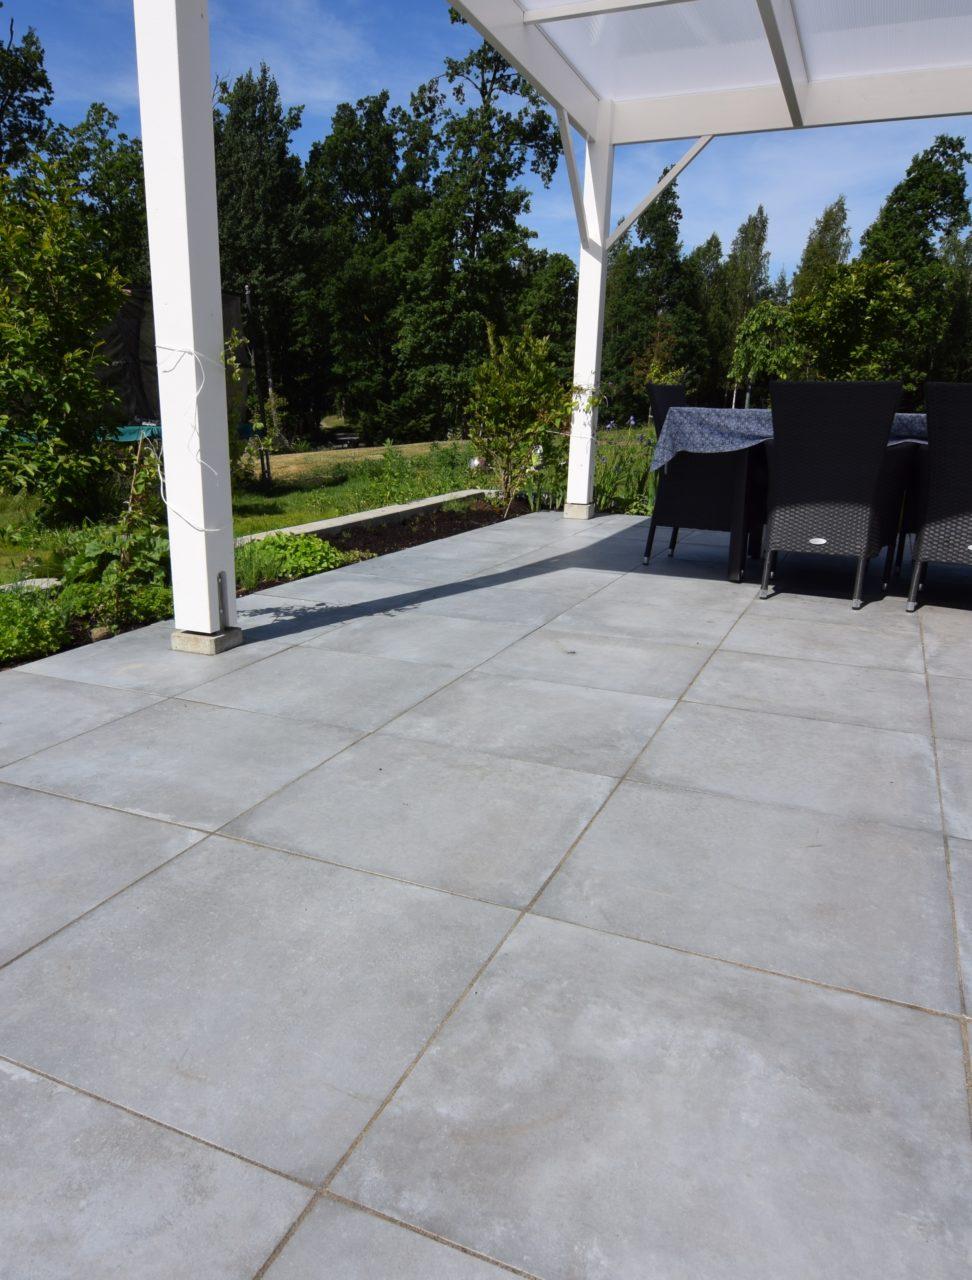 Granitkeramik - 2cm utomhusklinker hos Betong&Marmor Malmö